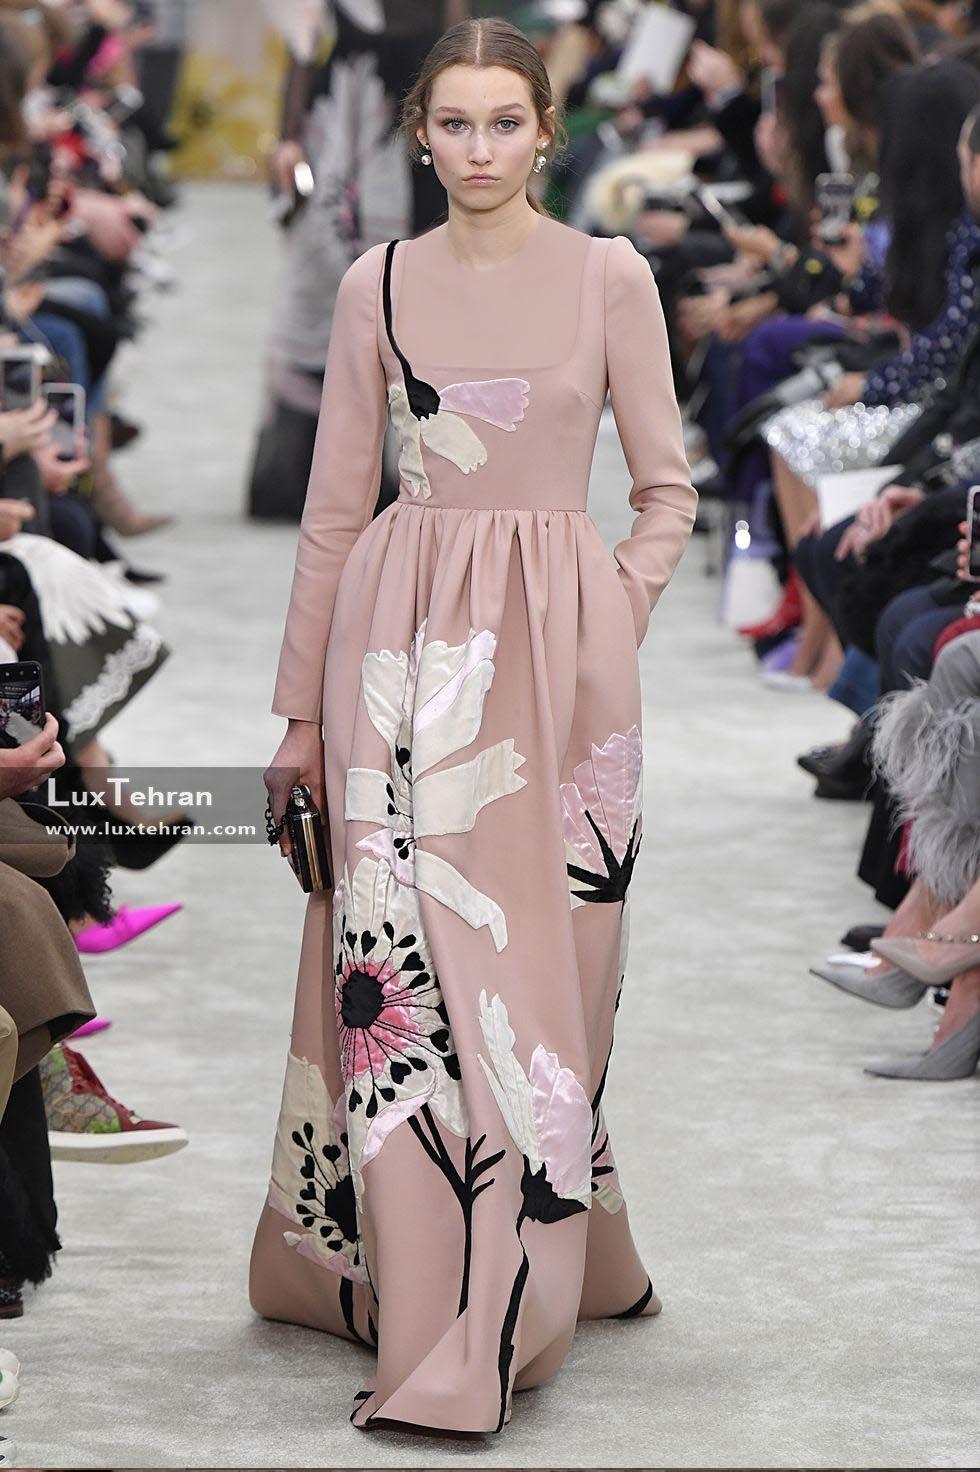 لباس گلدوزی صورتی در هفته مد پاریس